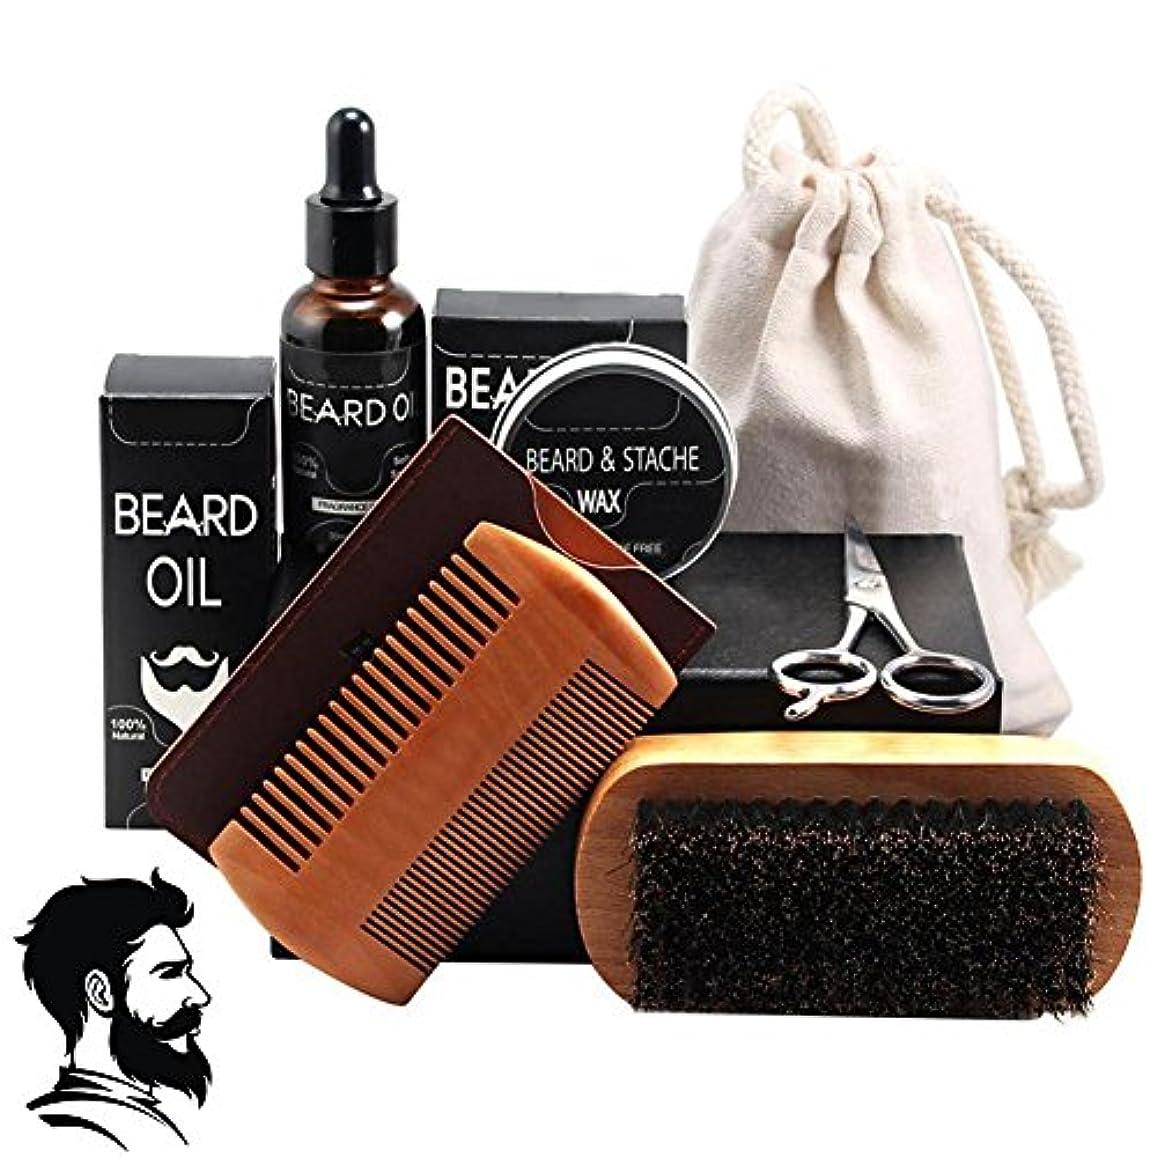 あごひげ油、男性の口ひげフルセットヘアケアツール(ひげワックスくし付き)(7PCSのパック)用シェービングブラシプロフェッショナルフェイシャルトリミングハサミ